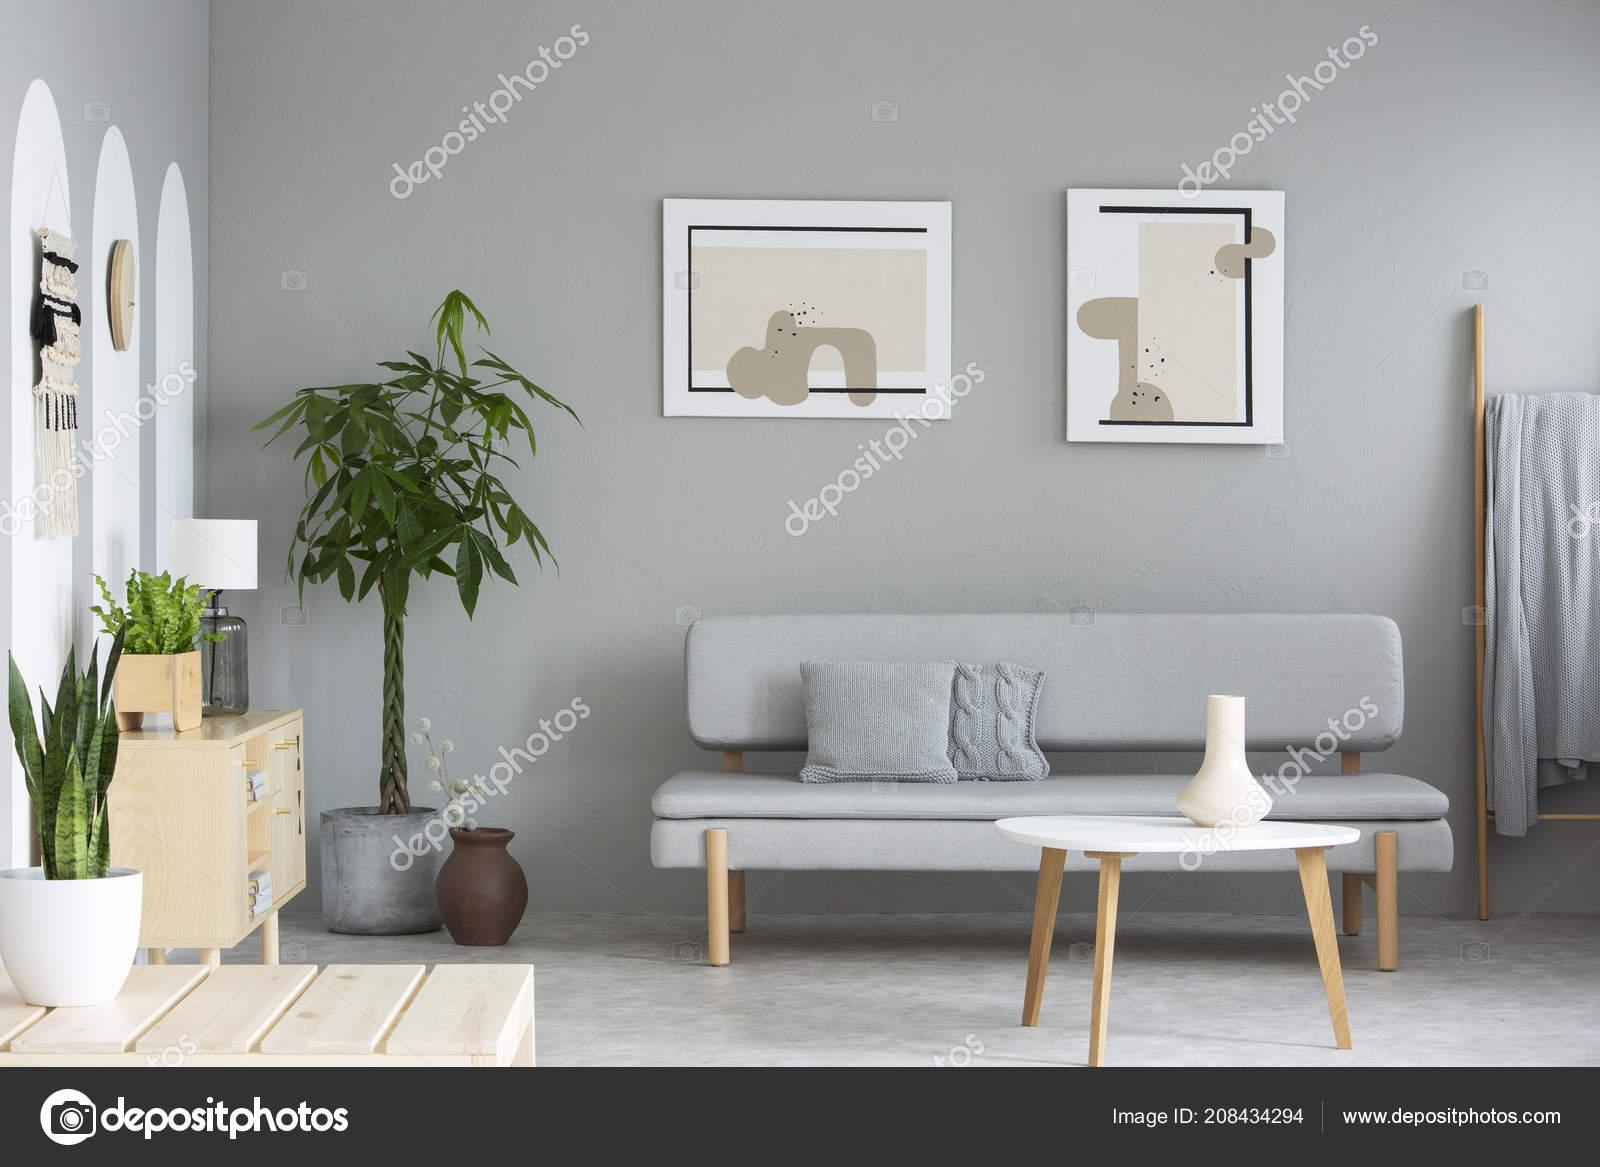 Houten tafel grijs sofa eenvoudige woonkamer interieur met posters